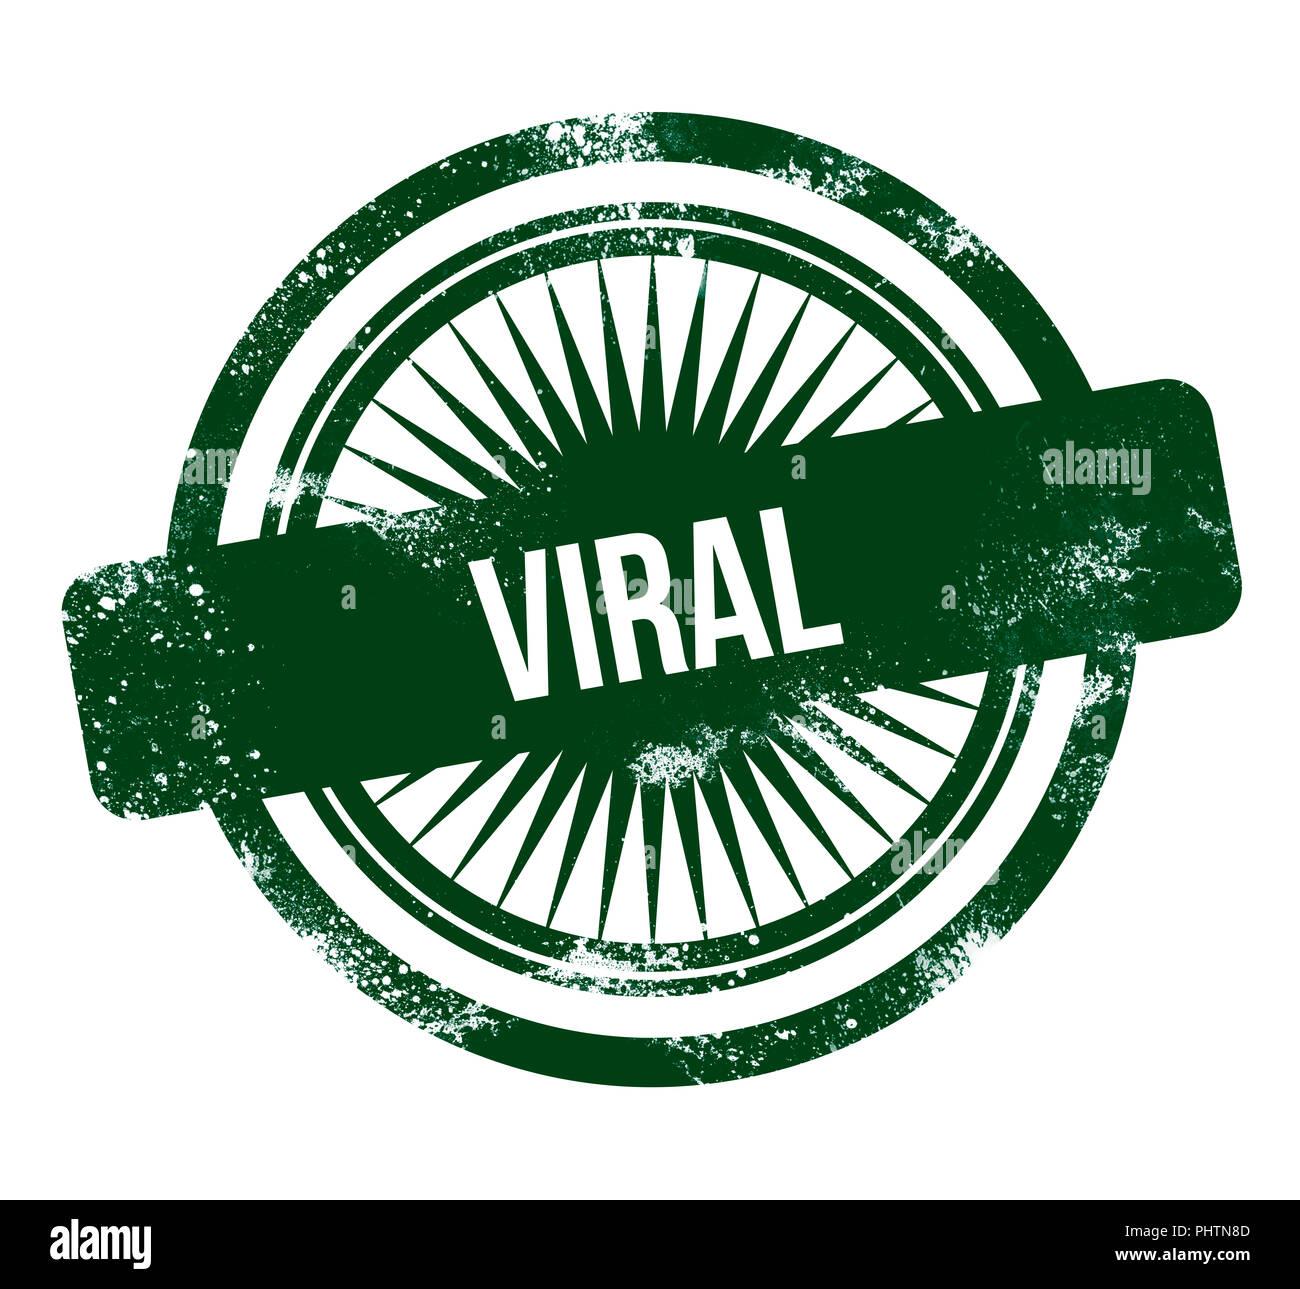 Viral - green grunge stamp - Stock Image